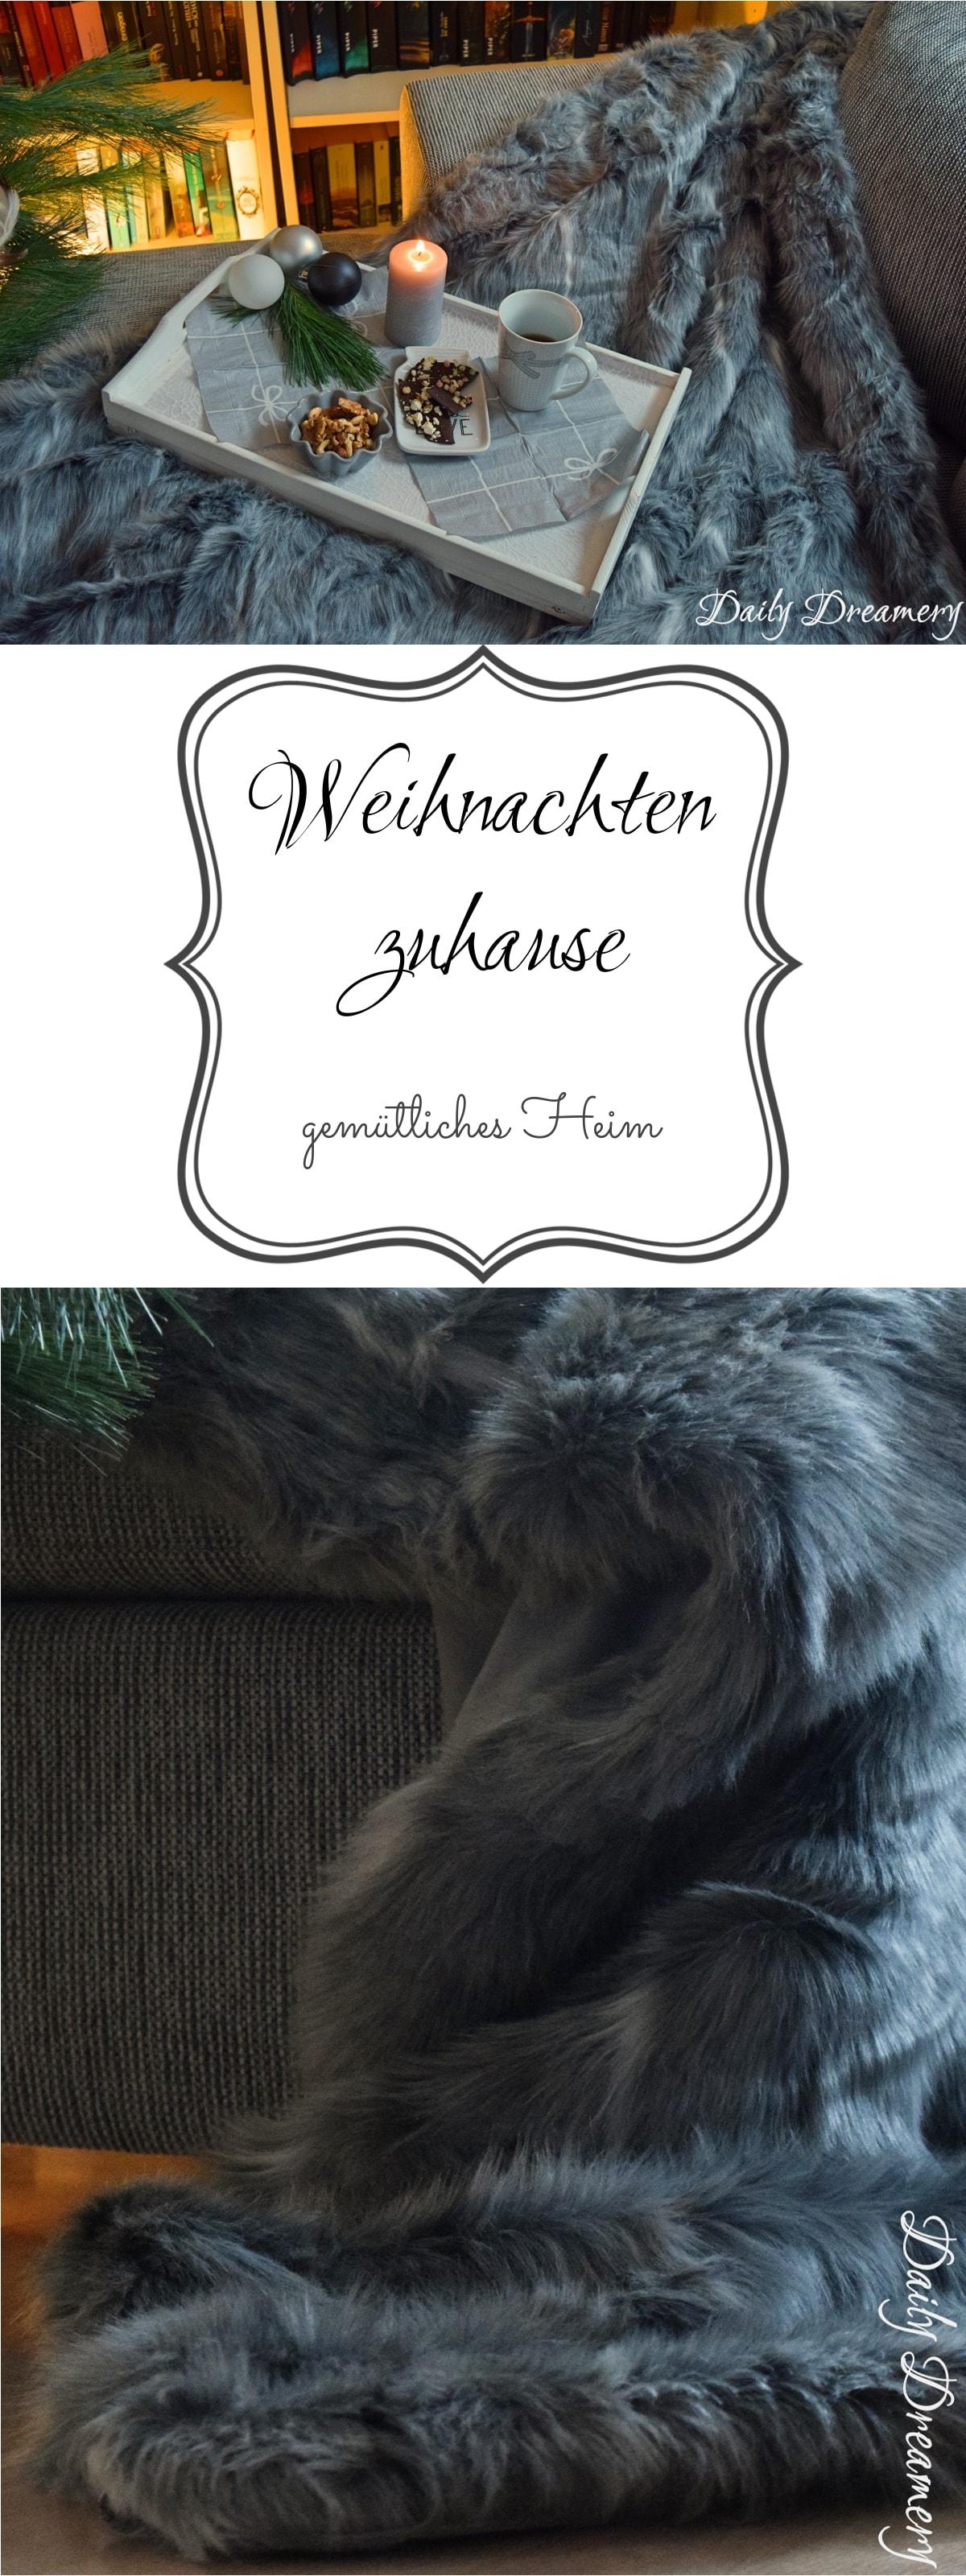 Weihnachten zu Hause - gemütliches Heim